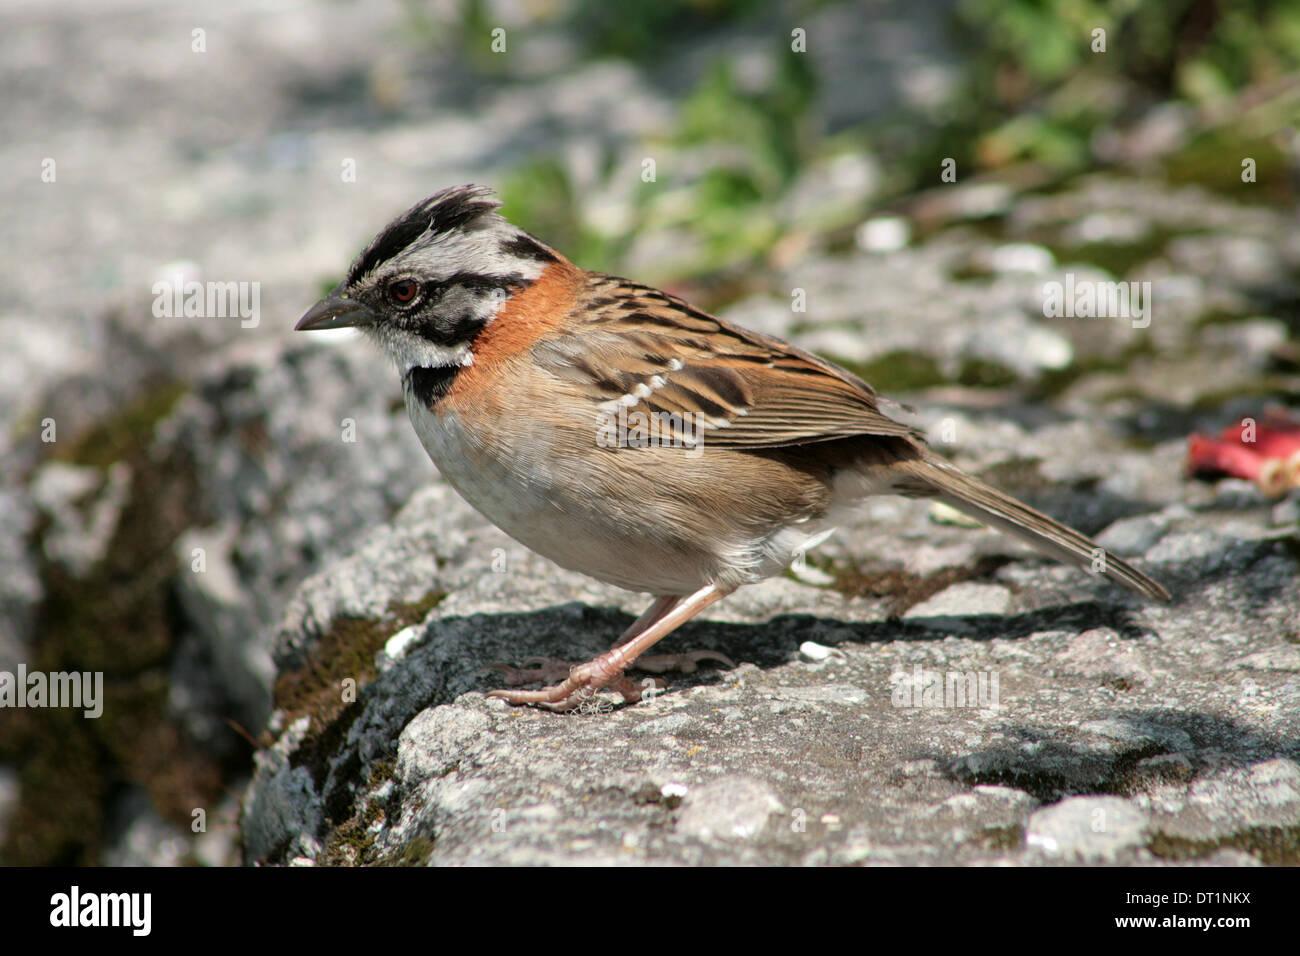 A Rufous Collared Sparrow on a stone ledge in Cotacachi, Ecuador Stock Photo